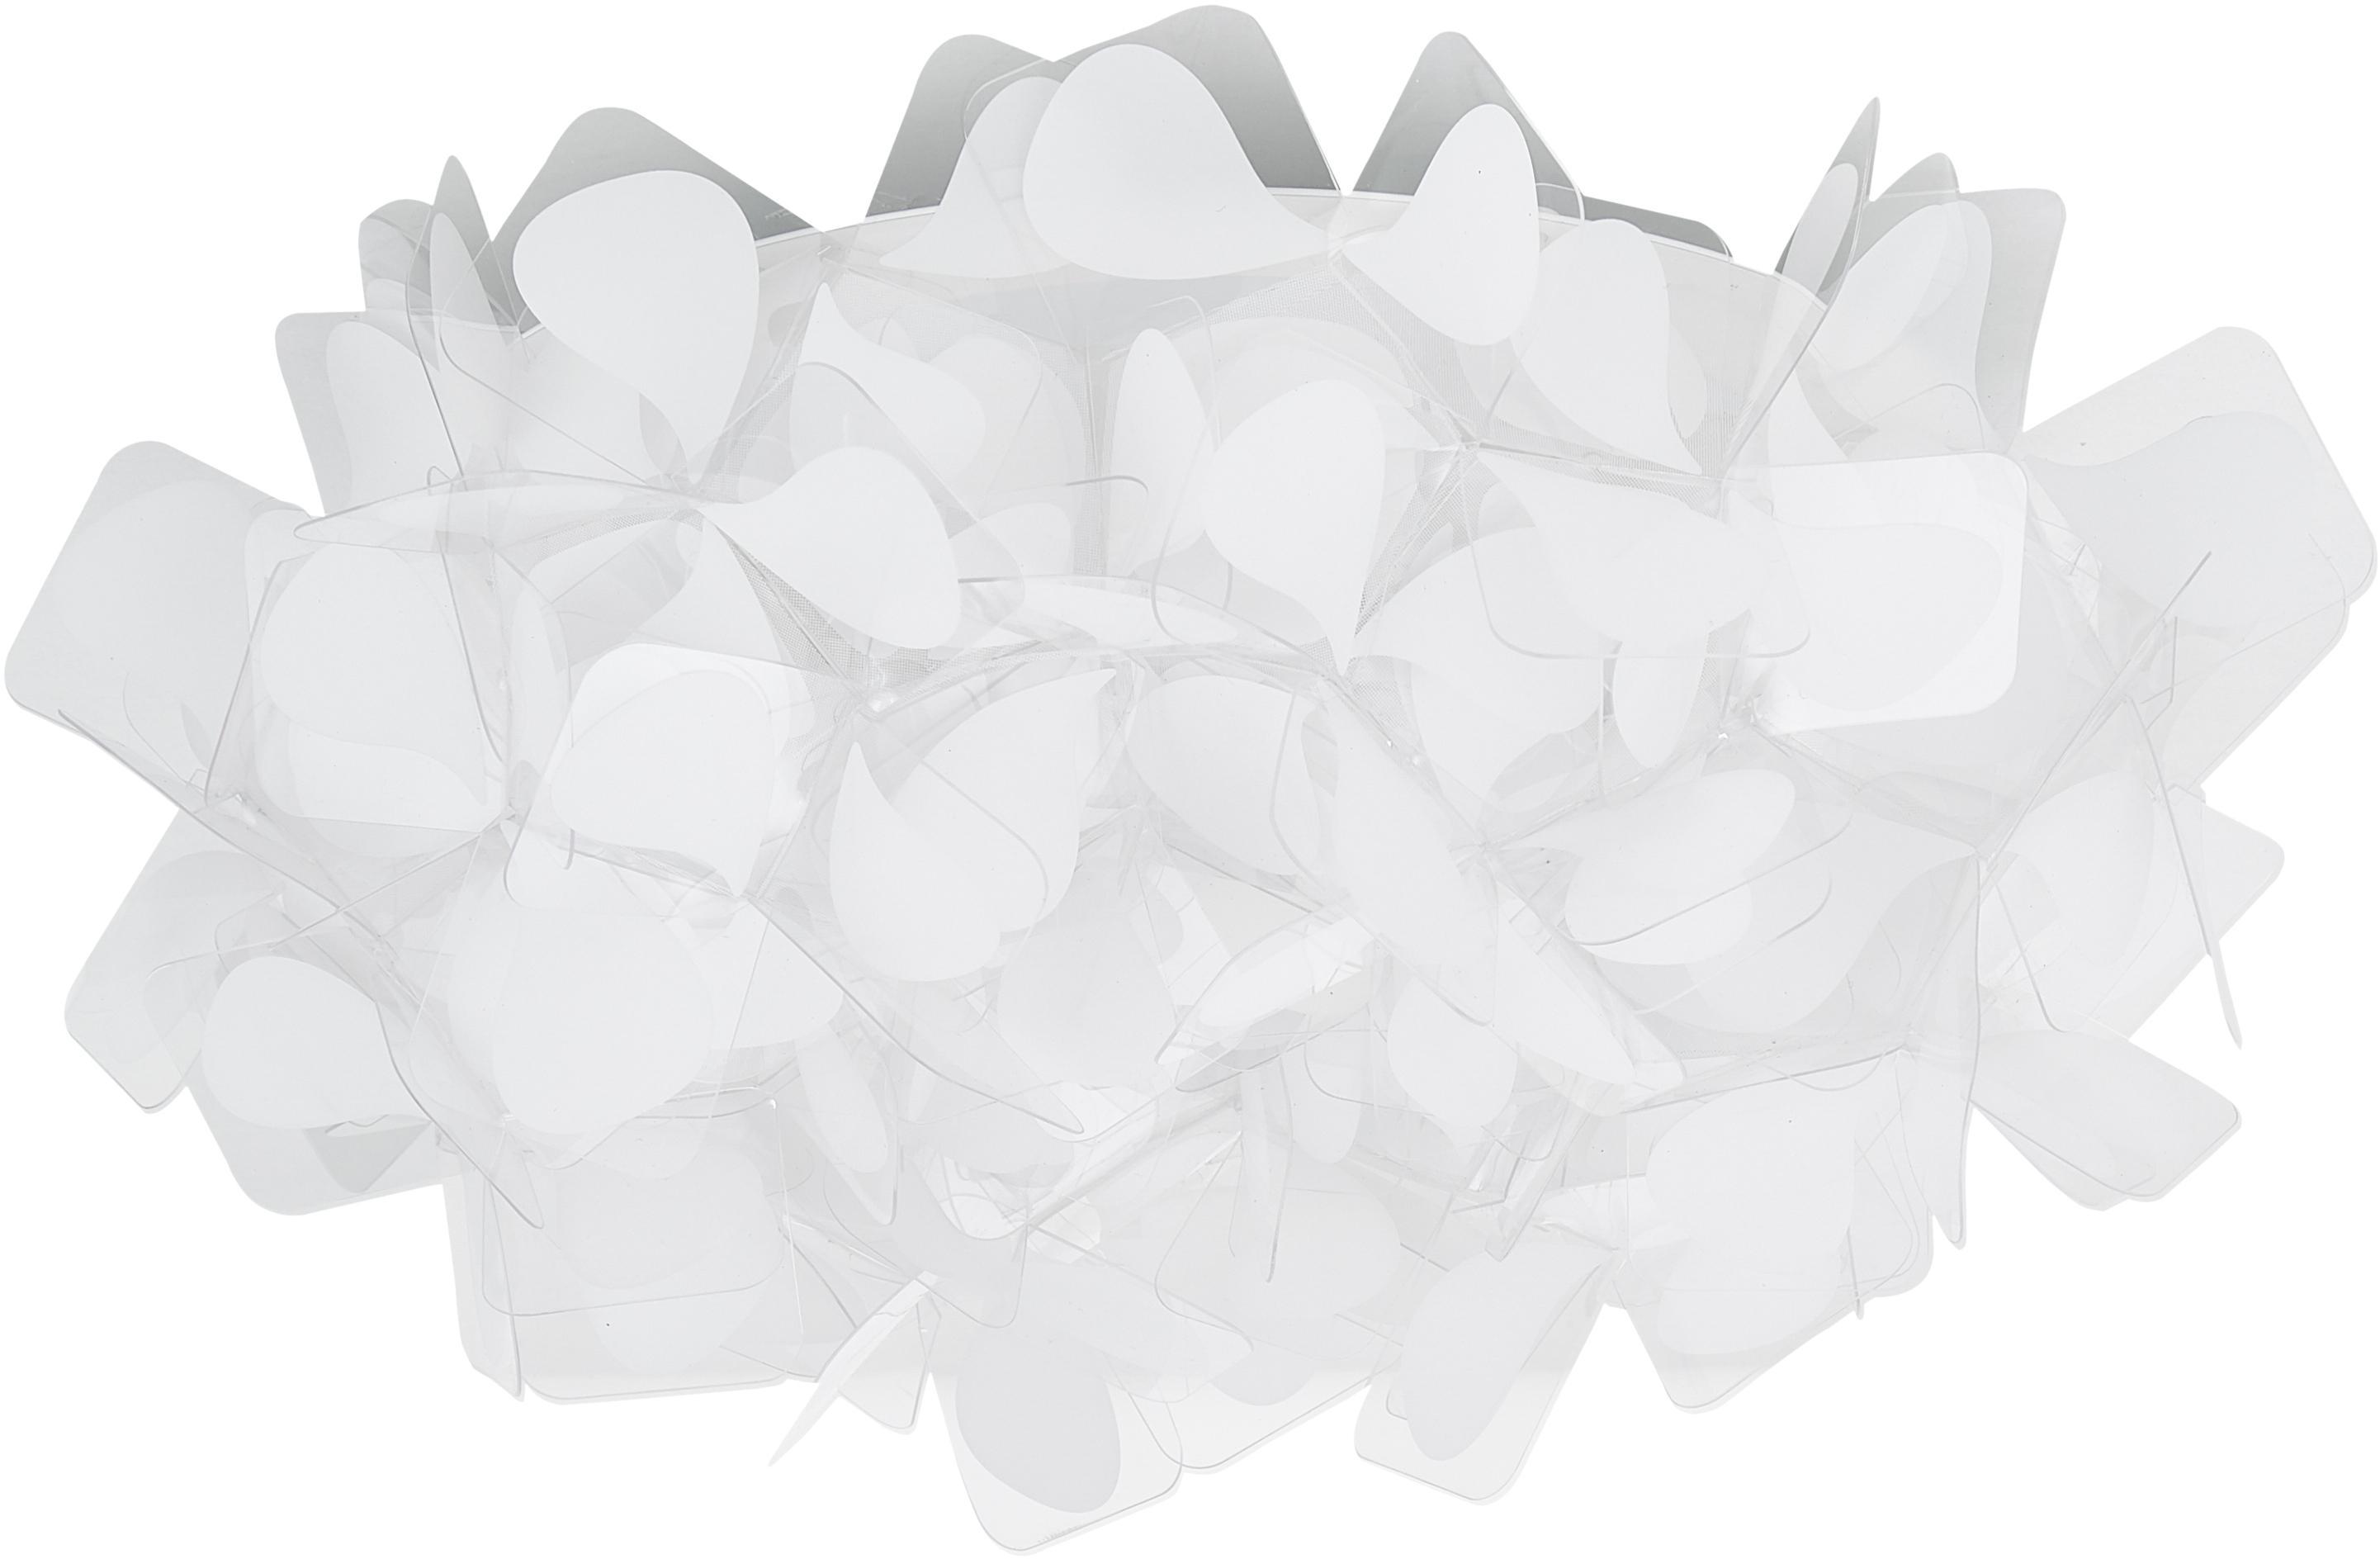 Handgefertigte Decken- und Wandleuchte Clizia Mama Non Mama, Technopolymer Opalflex®, recycelbar, bruchfest, flexibel, antistatisch beschichtet, UV- und hitzebeständig, Weiß, Grau, Ø 32 x T 15 cm